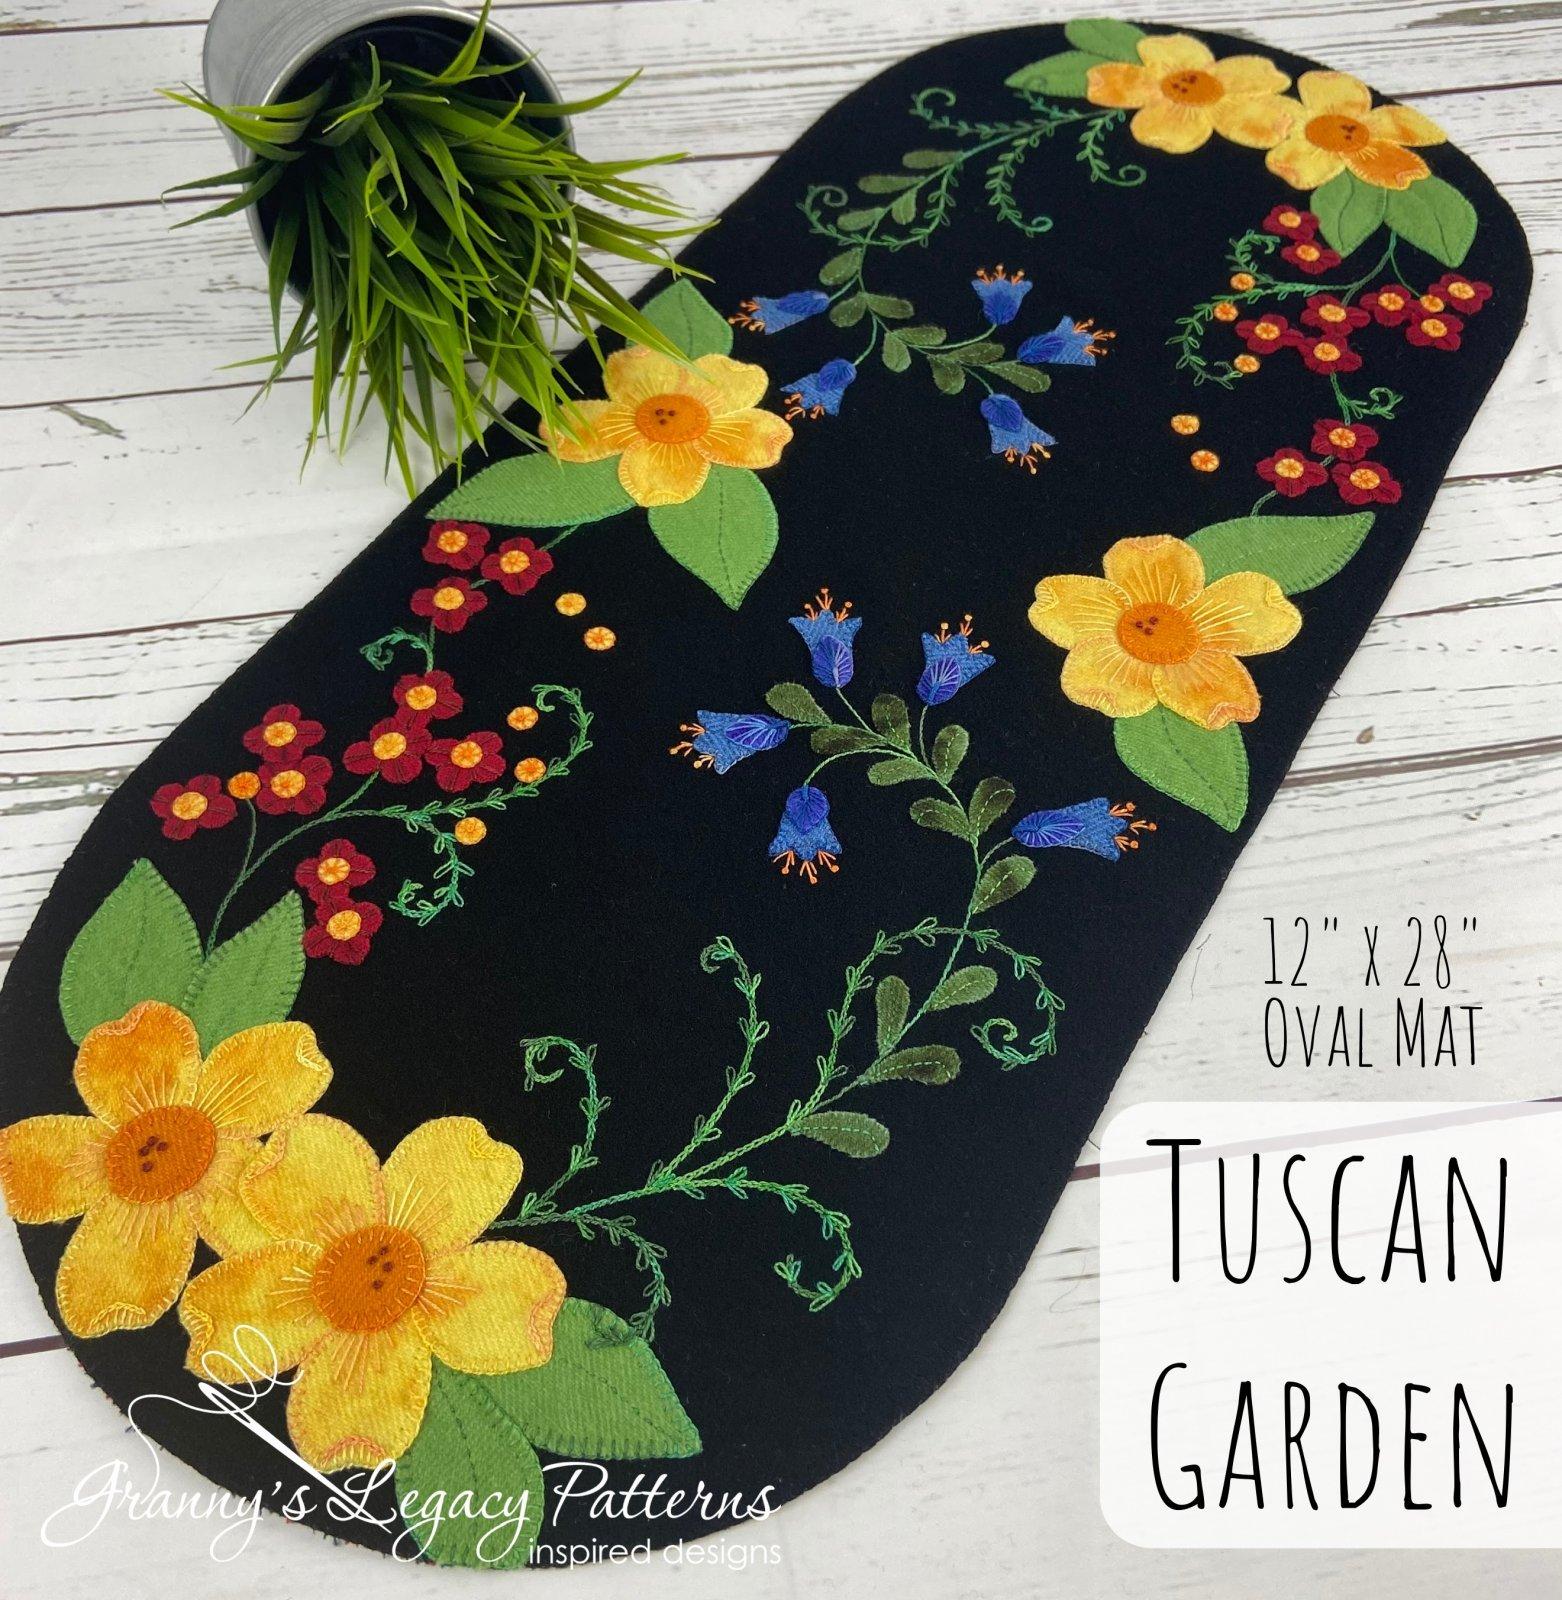 Tuscan Garden Mat Kit